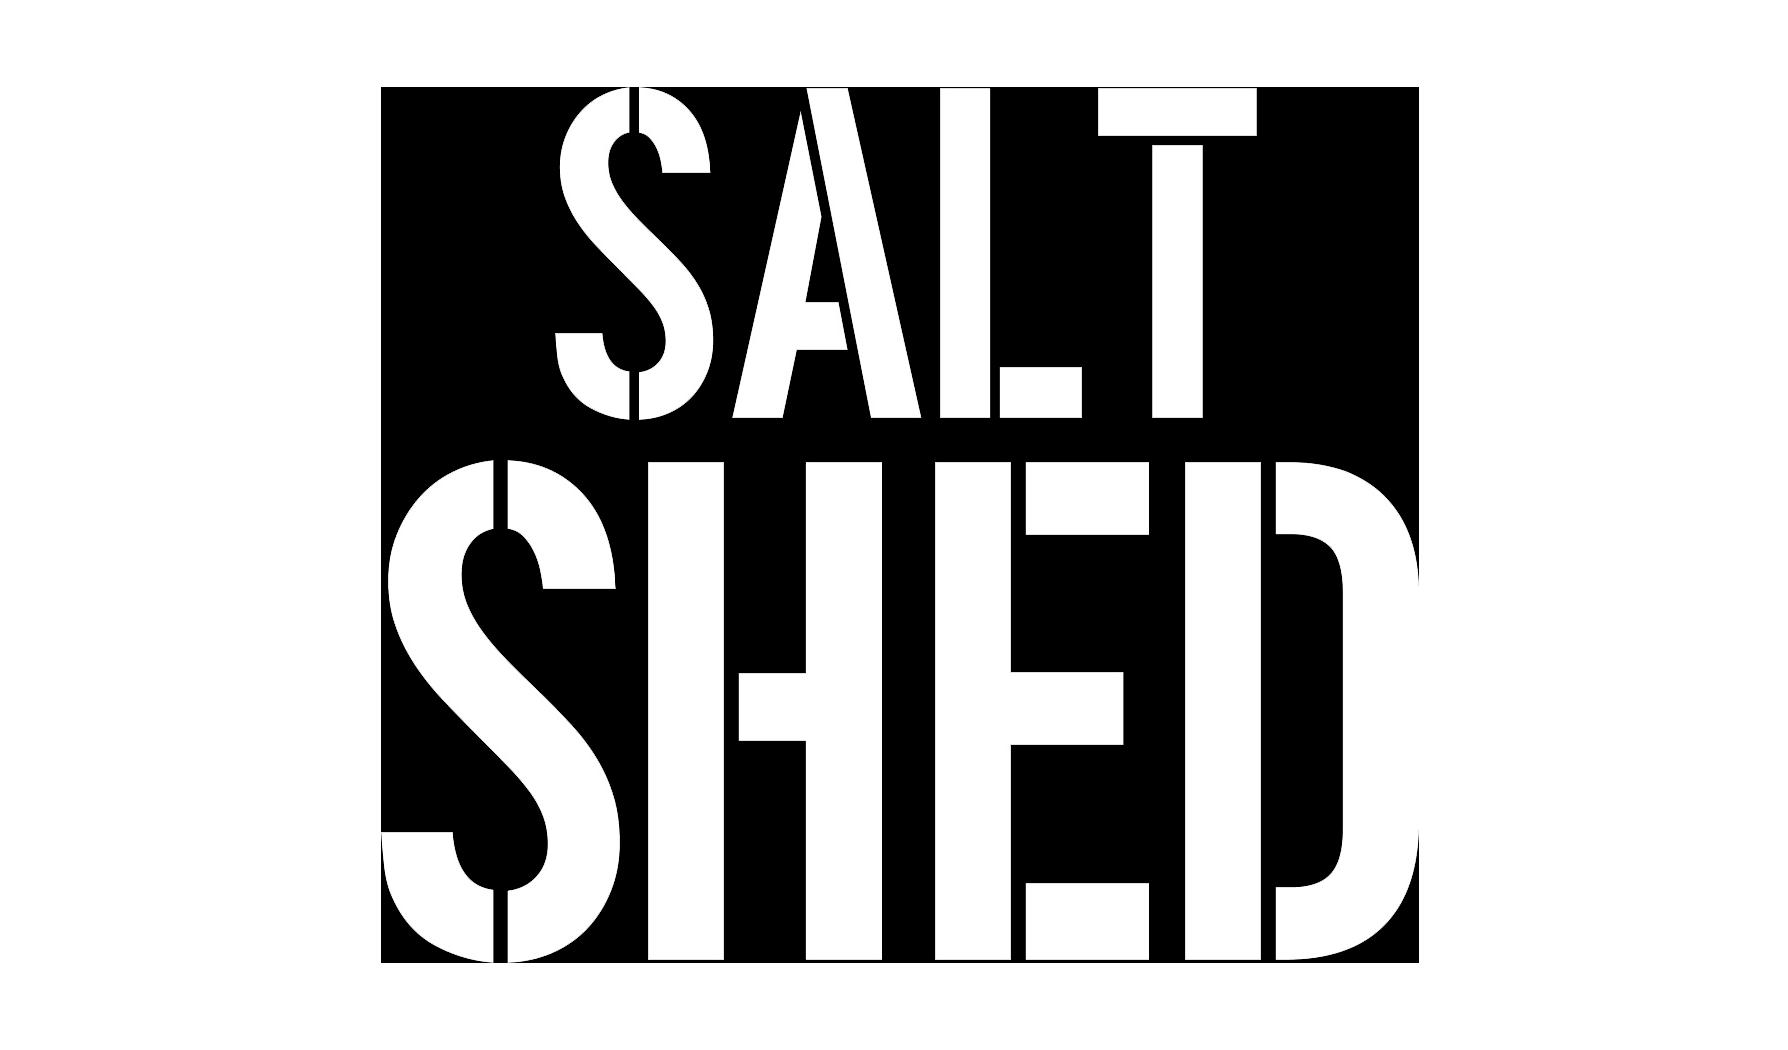 Salt-Shed-logo-Stencil.png